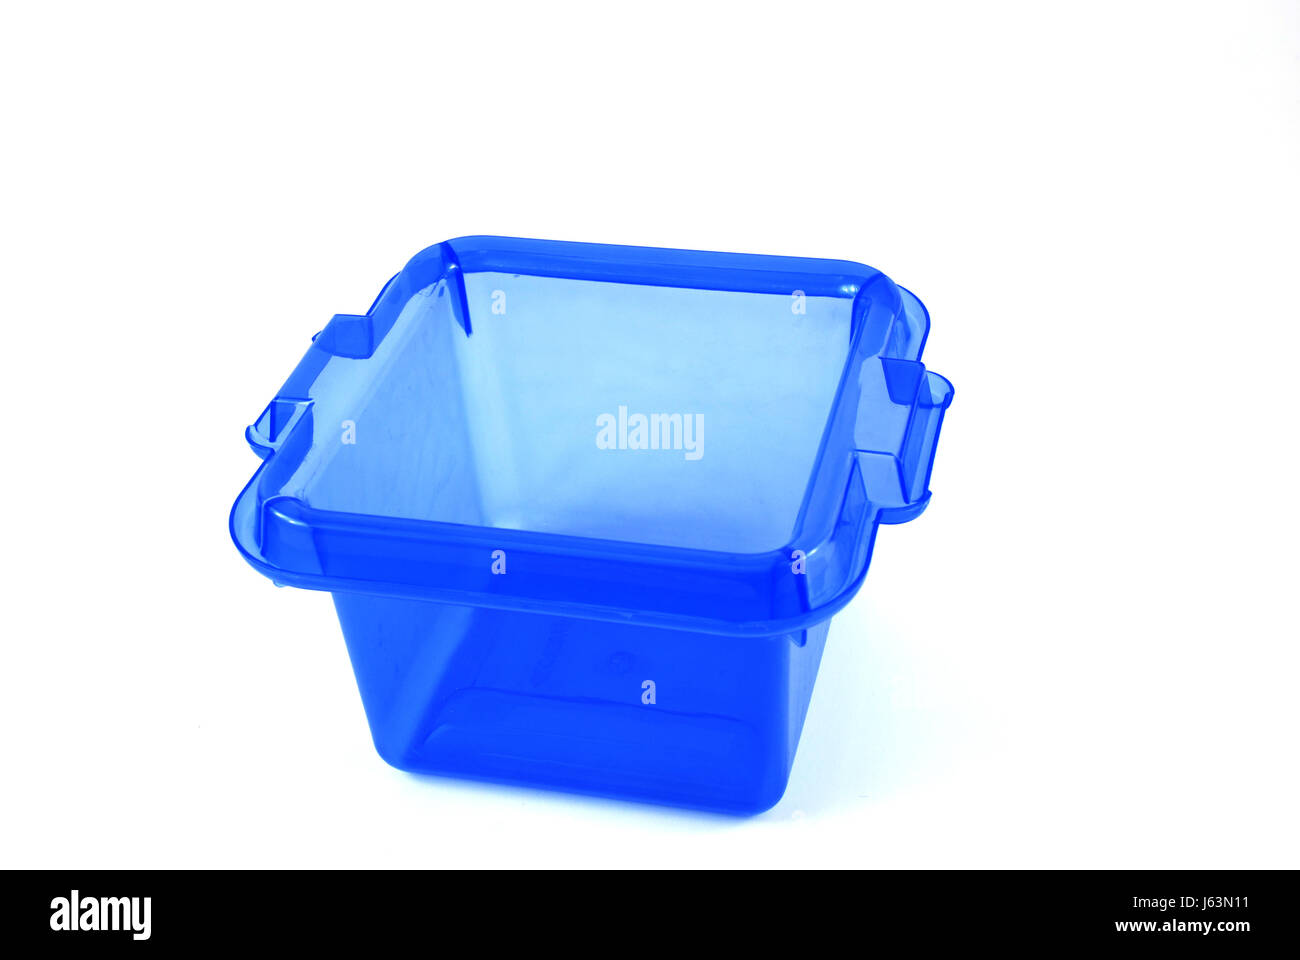 blue plastic synthetic material container box bath tub tub bathtub ...